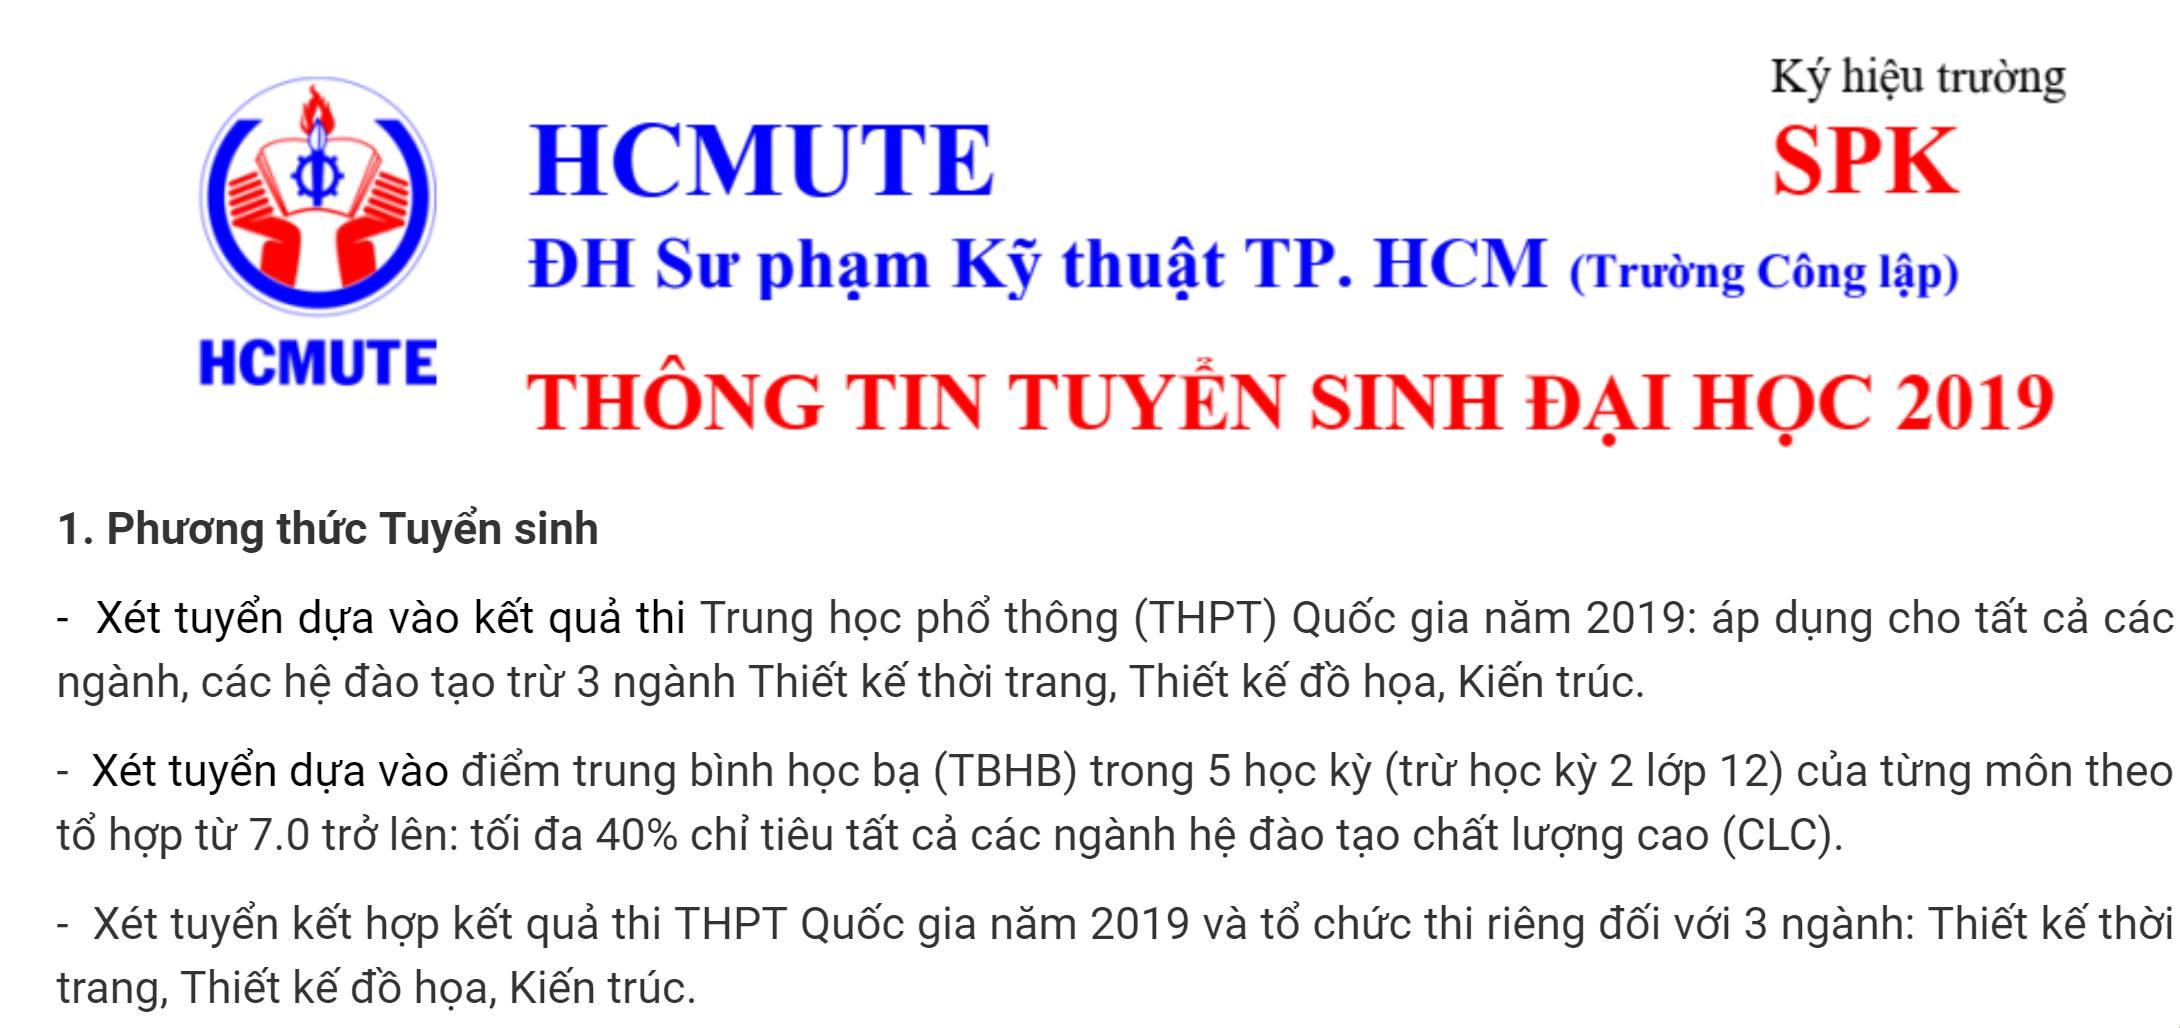 1. Phương thức Tuyển sinh  ĐH SPKT Tuyển sinh 2019.